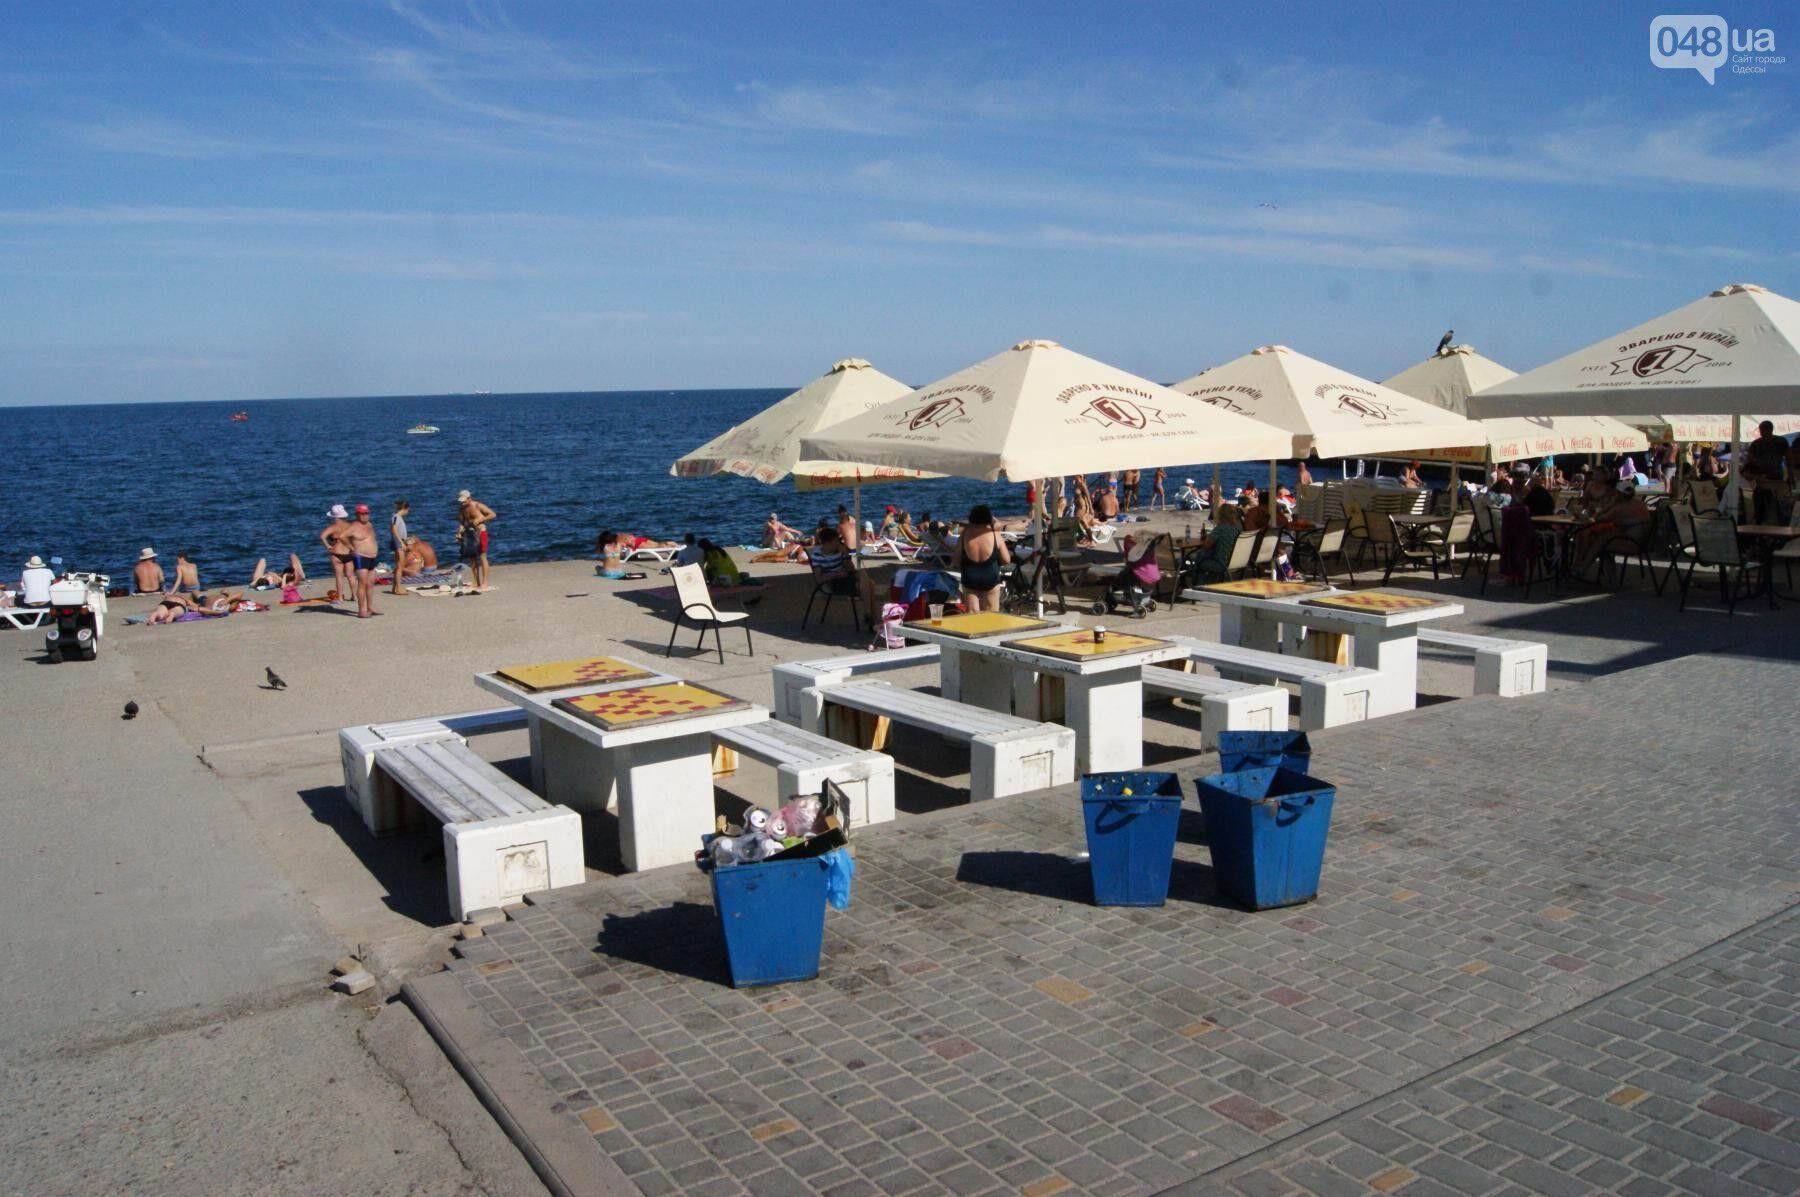 Скільки коштуватиме відпочинок на пляжі в Одесі: ціни